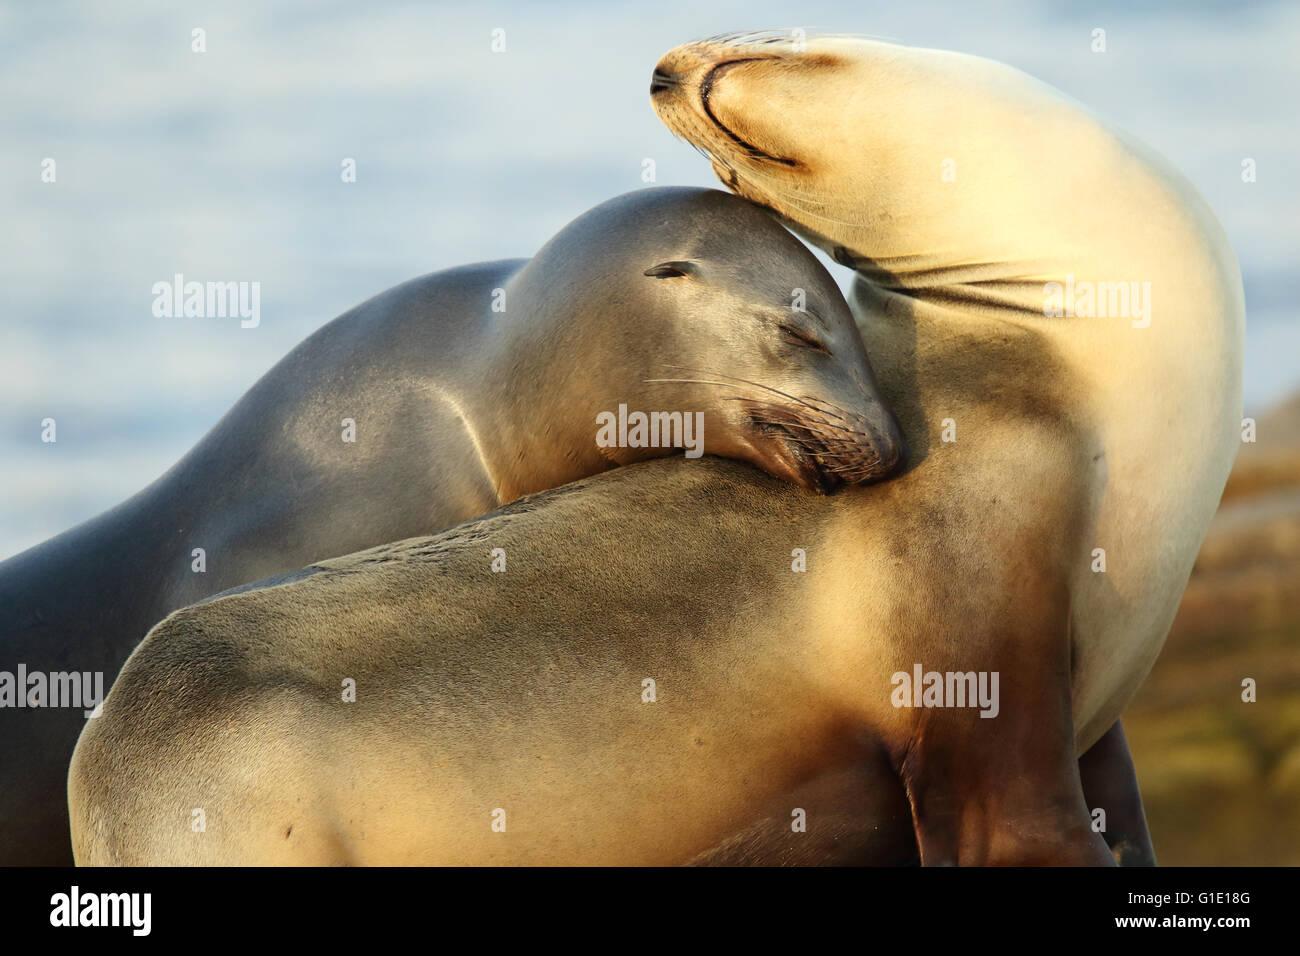 Un par de Lobos Marinos de California en una pose dramática de afecto. Imagen De Stock